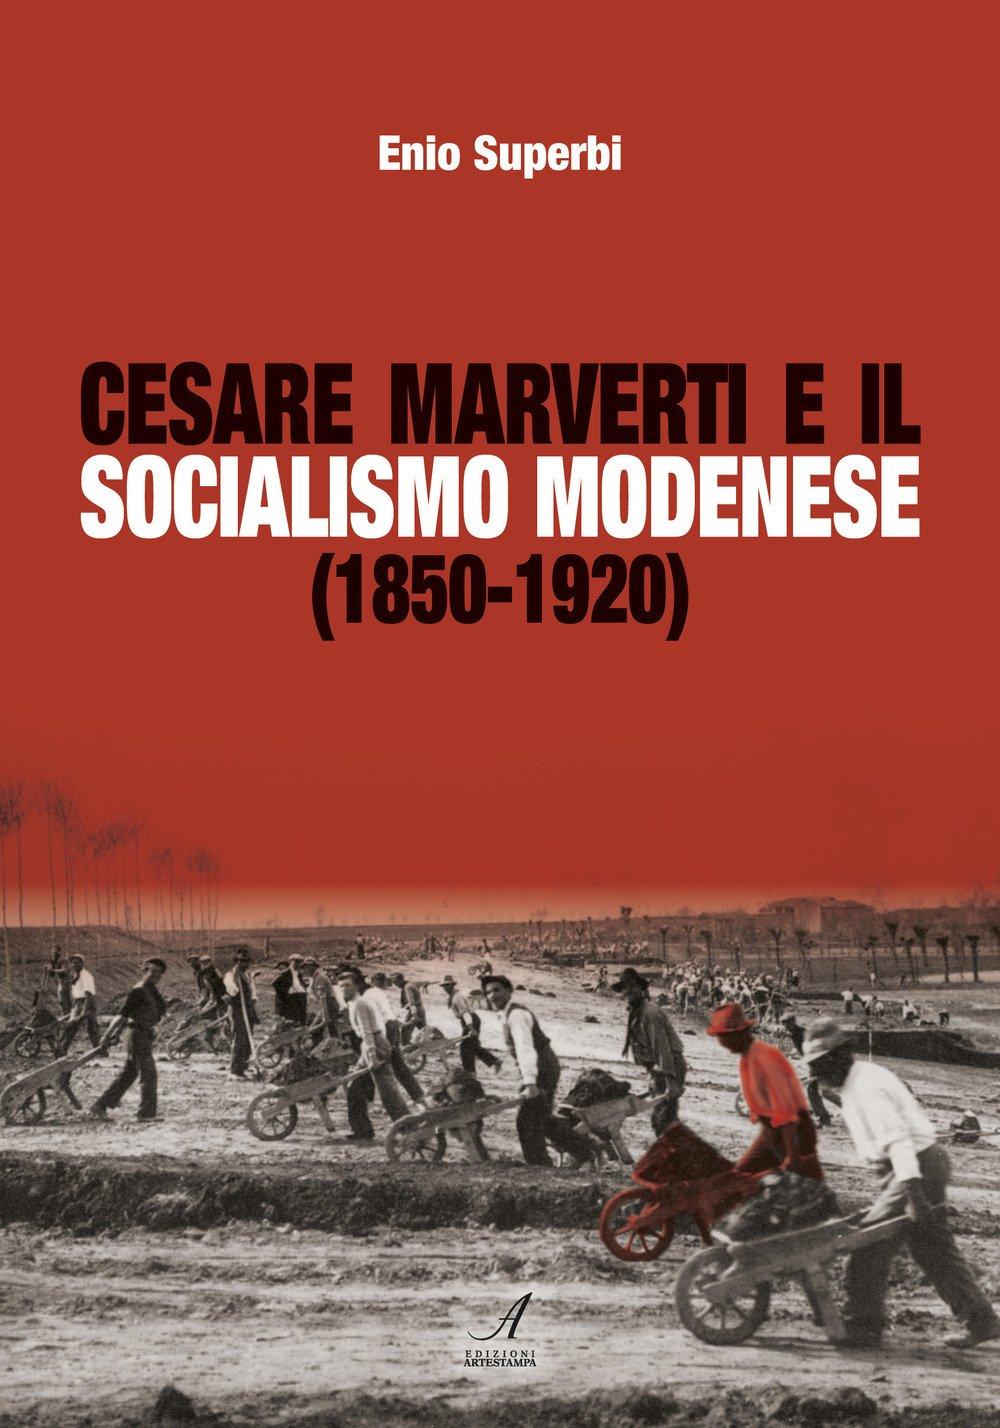 Cesare Marverti e il socialismo modenese (1850-1920)